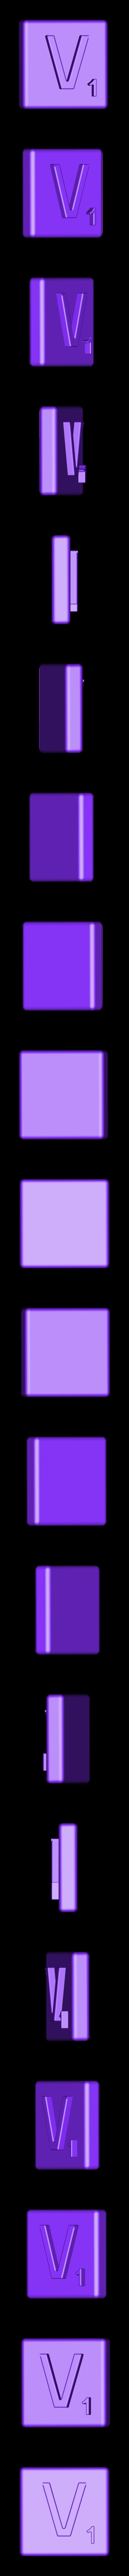 Single_Extruded_V.STL Télécharger fichier STL gratuit Pièces et support SCRABBBLE • Design pour imprimante 3D, Balkhagal4D